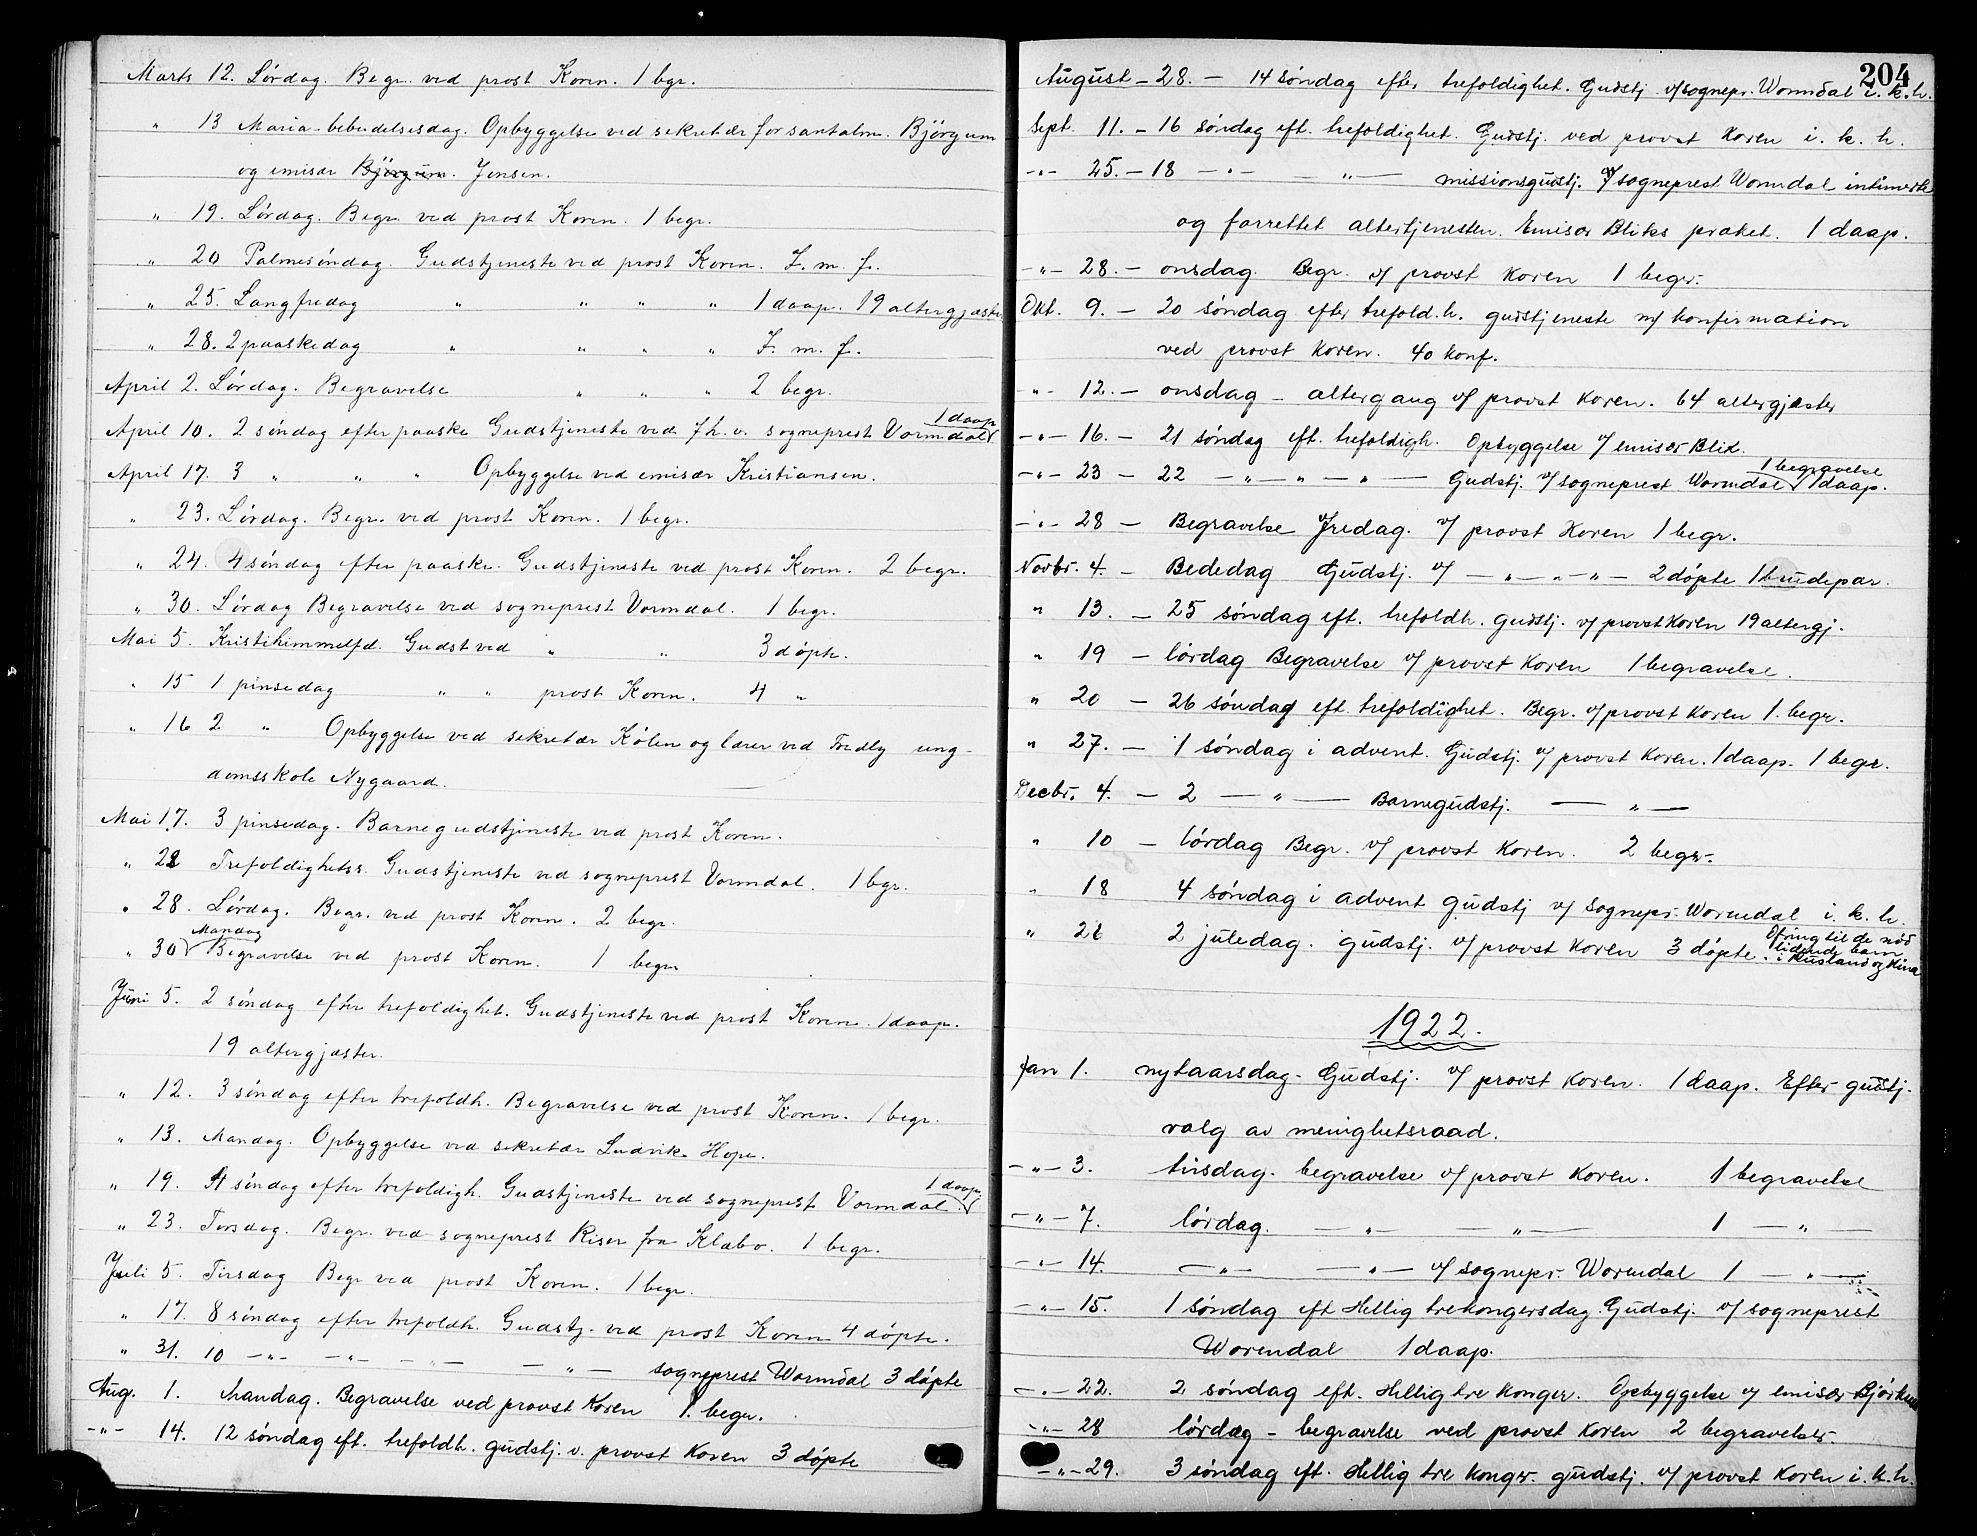 SAT, Ministerialprotokoller, klokkerbøker og fødselsregistre - Sør-Trøndelag, 669/L0831: Klokkerbok nr. 669C01, 1909-1924, s. 204